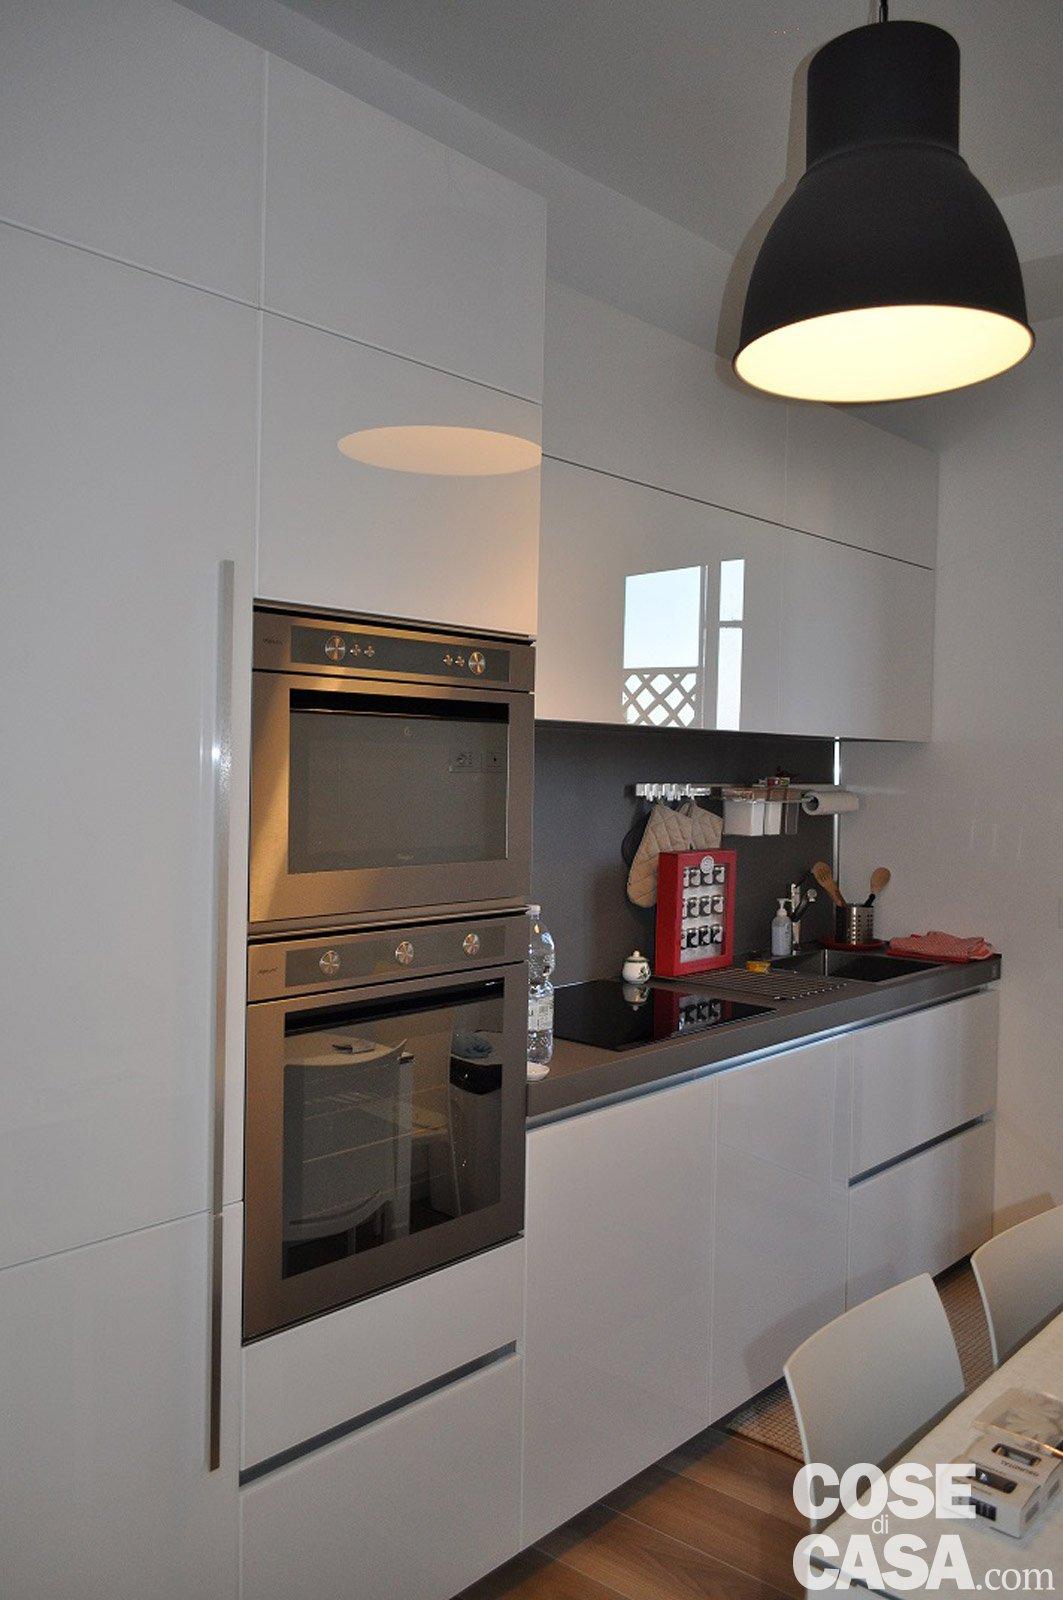 90 mq una casa da vivere in relax cose di casa - Immagini di cucina ...